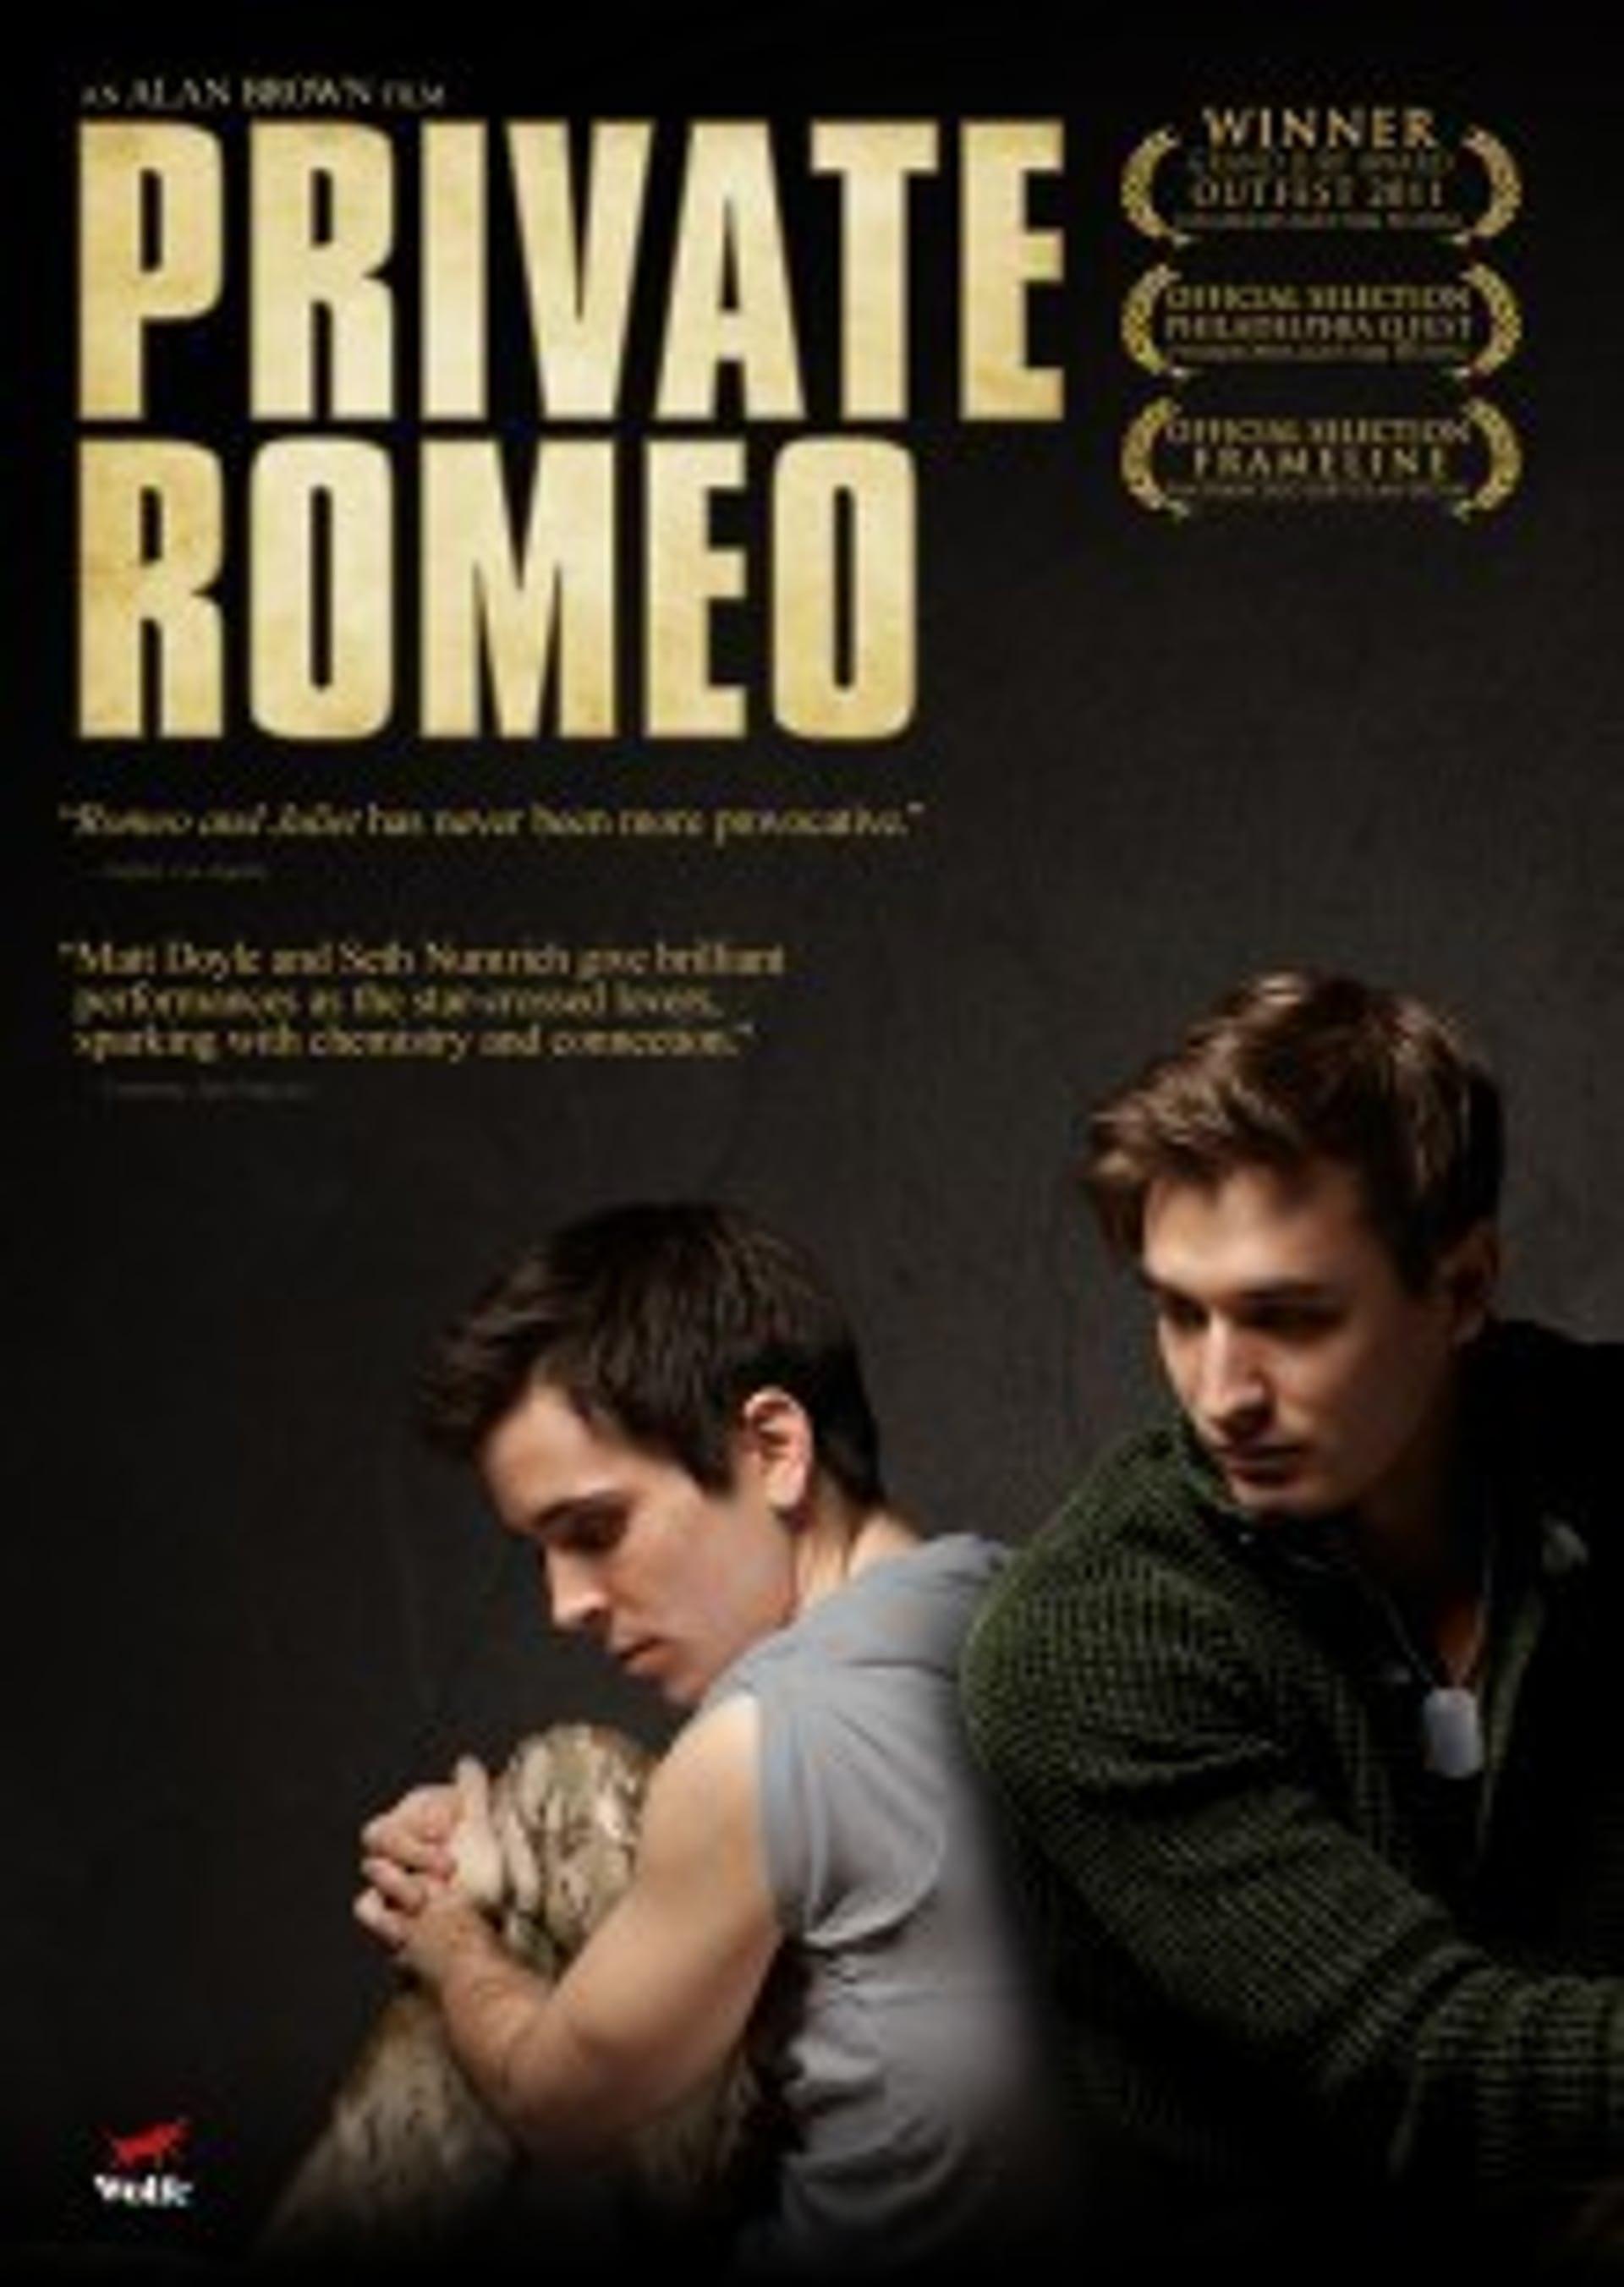 homoseksuel private film porno porno pisk